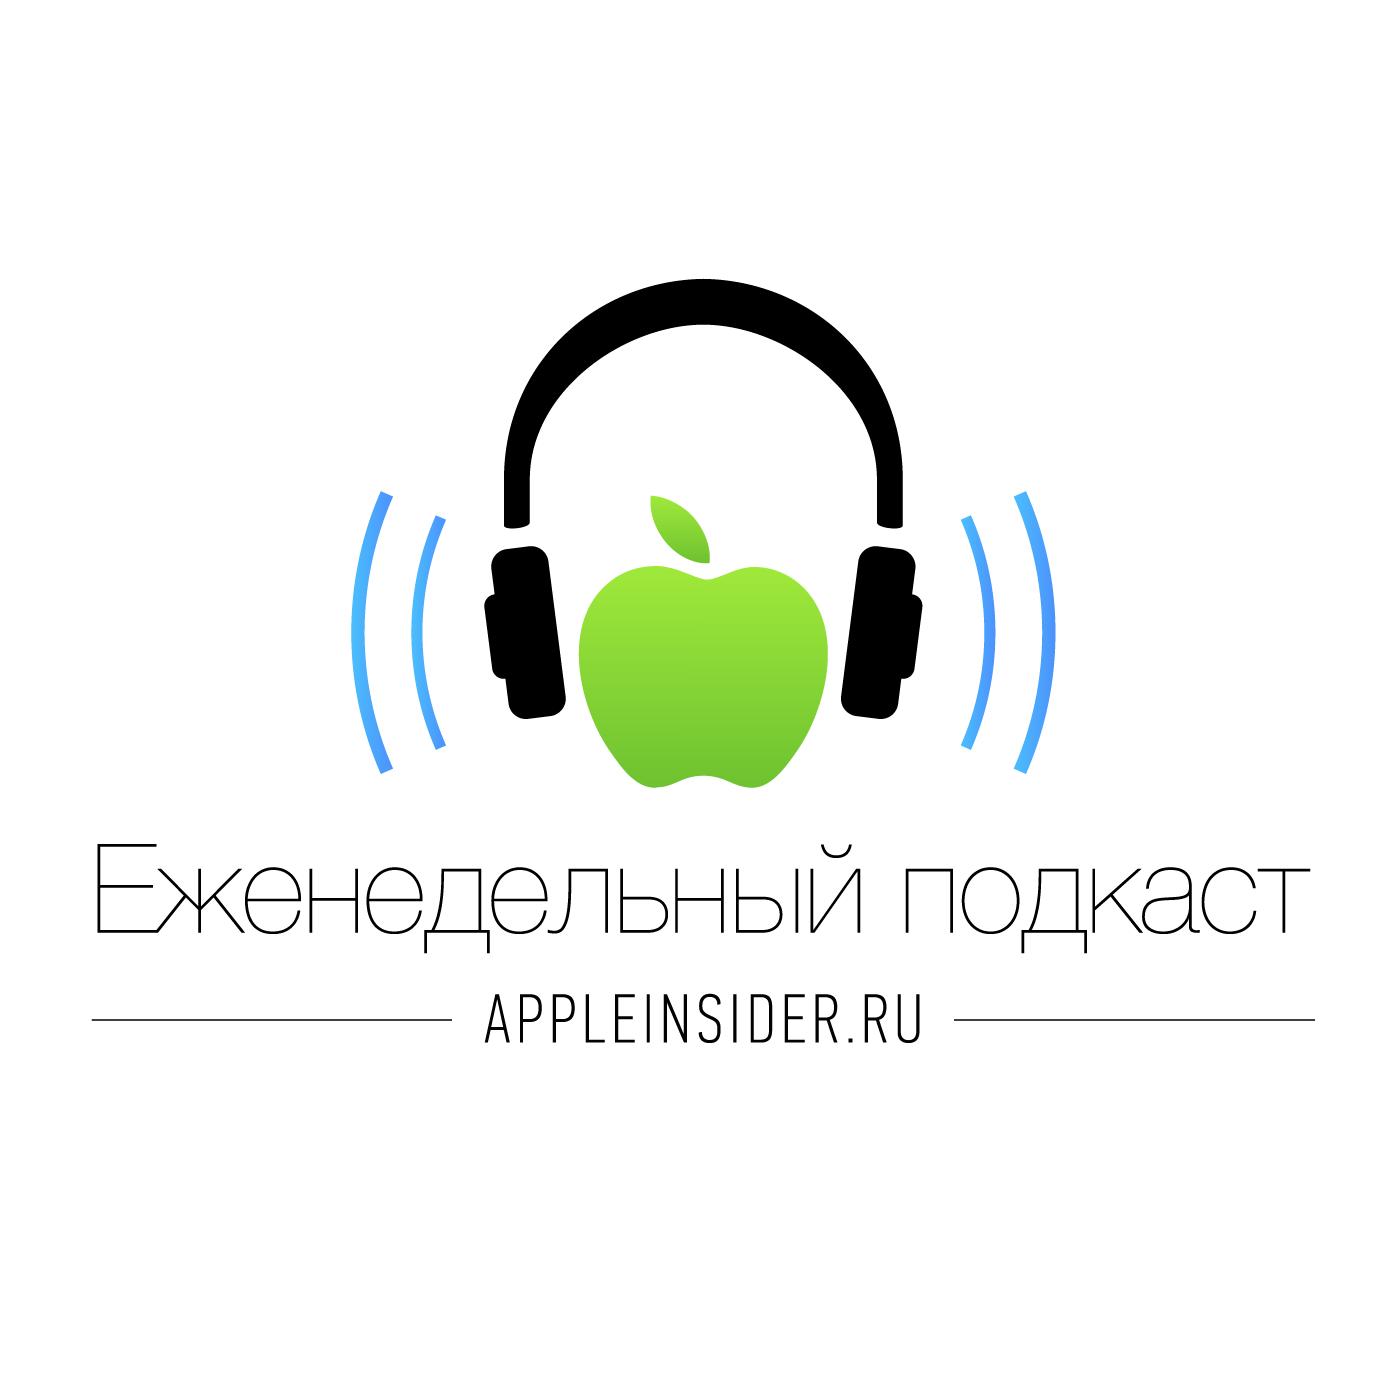 Миша Королев DJI и Bitcoin миша королев чему равна наценка на iphone в российской рознице